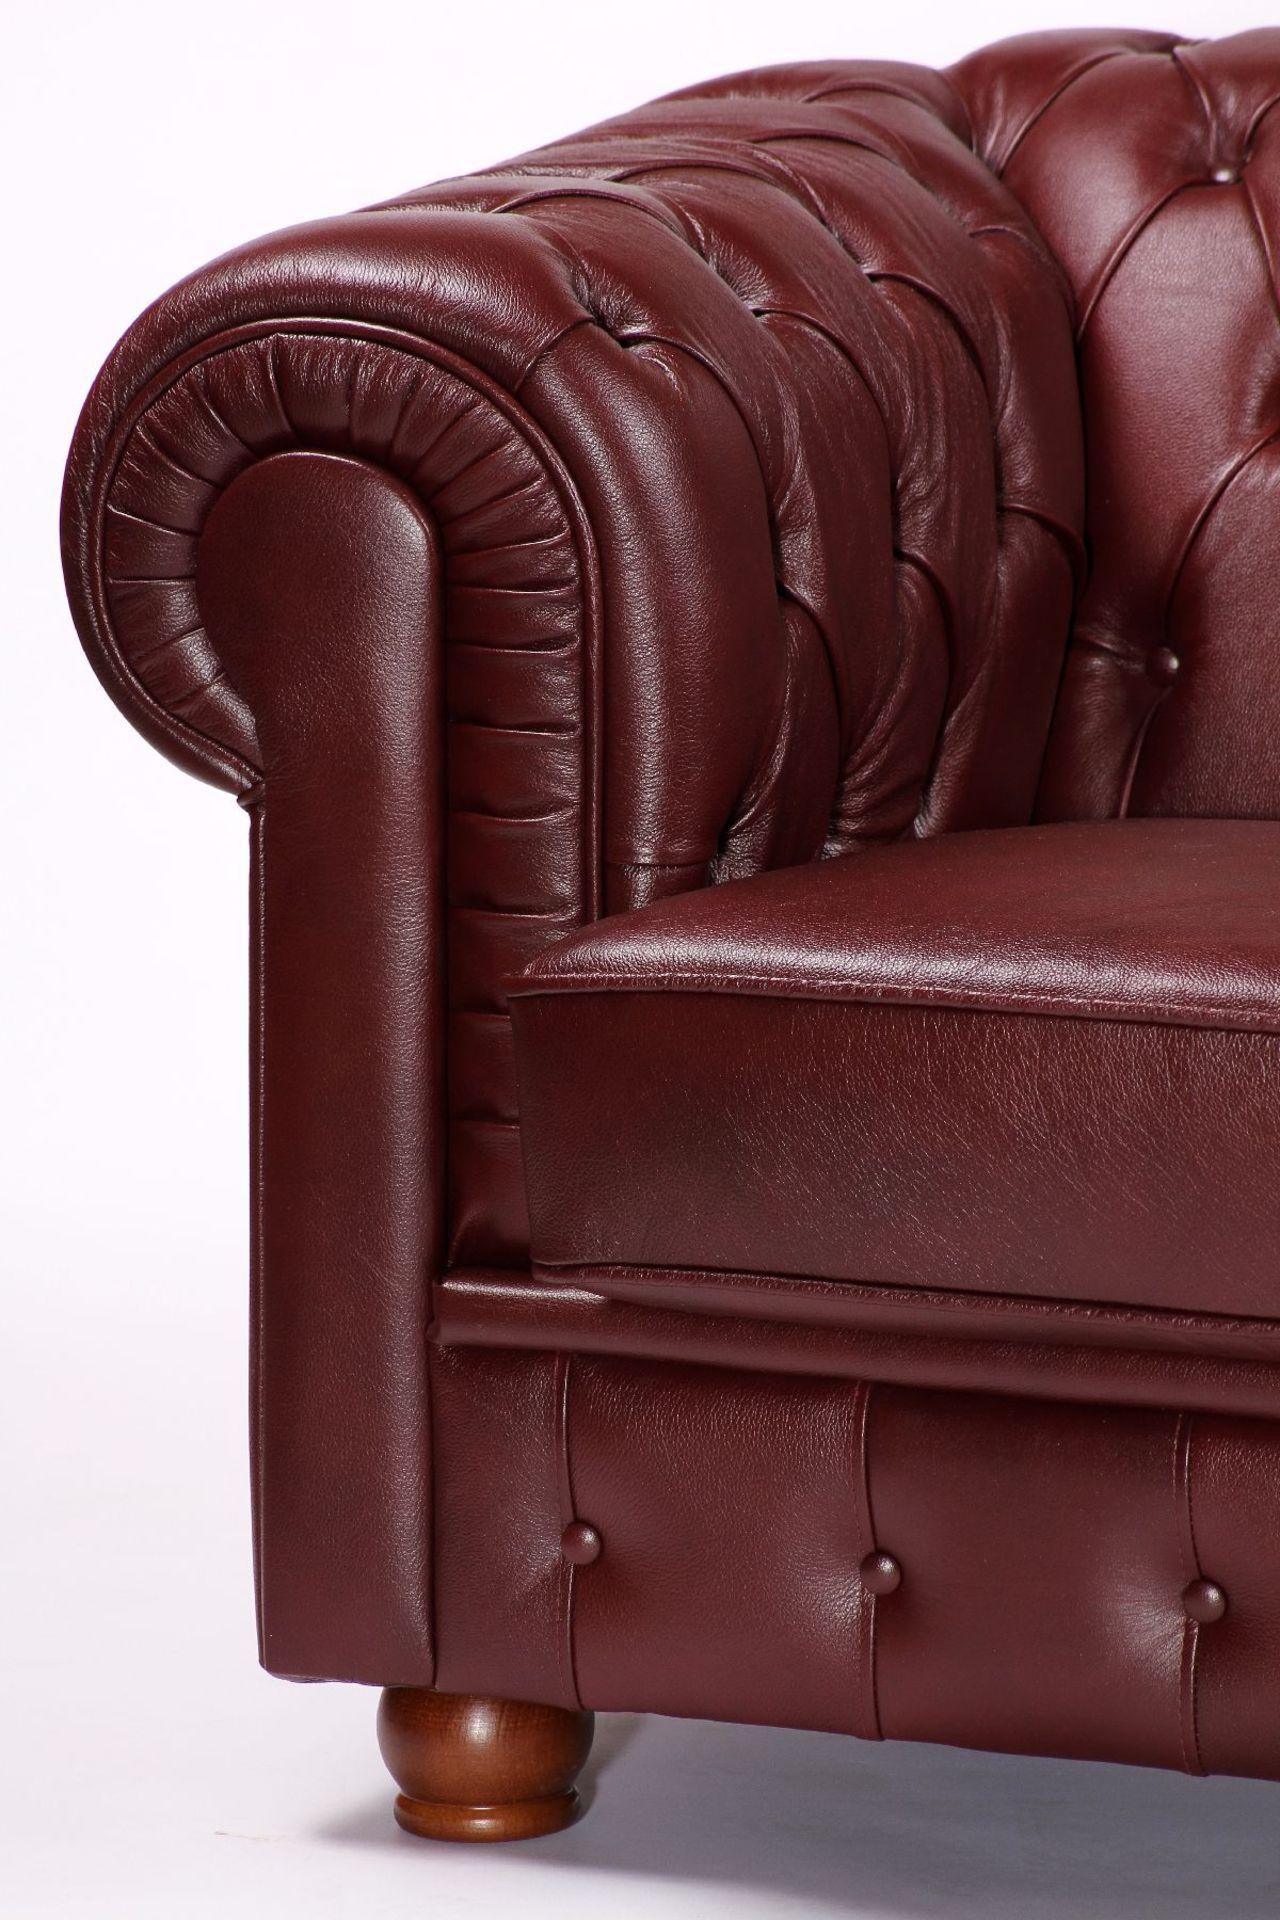 3-Sitzer Sofa, im Chesterfield-Stil, ausgesuchtes - Image 3 of 3